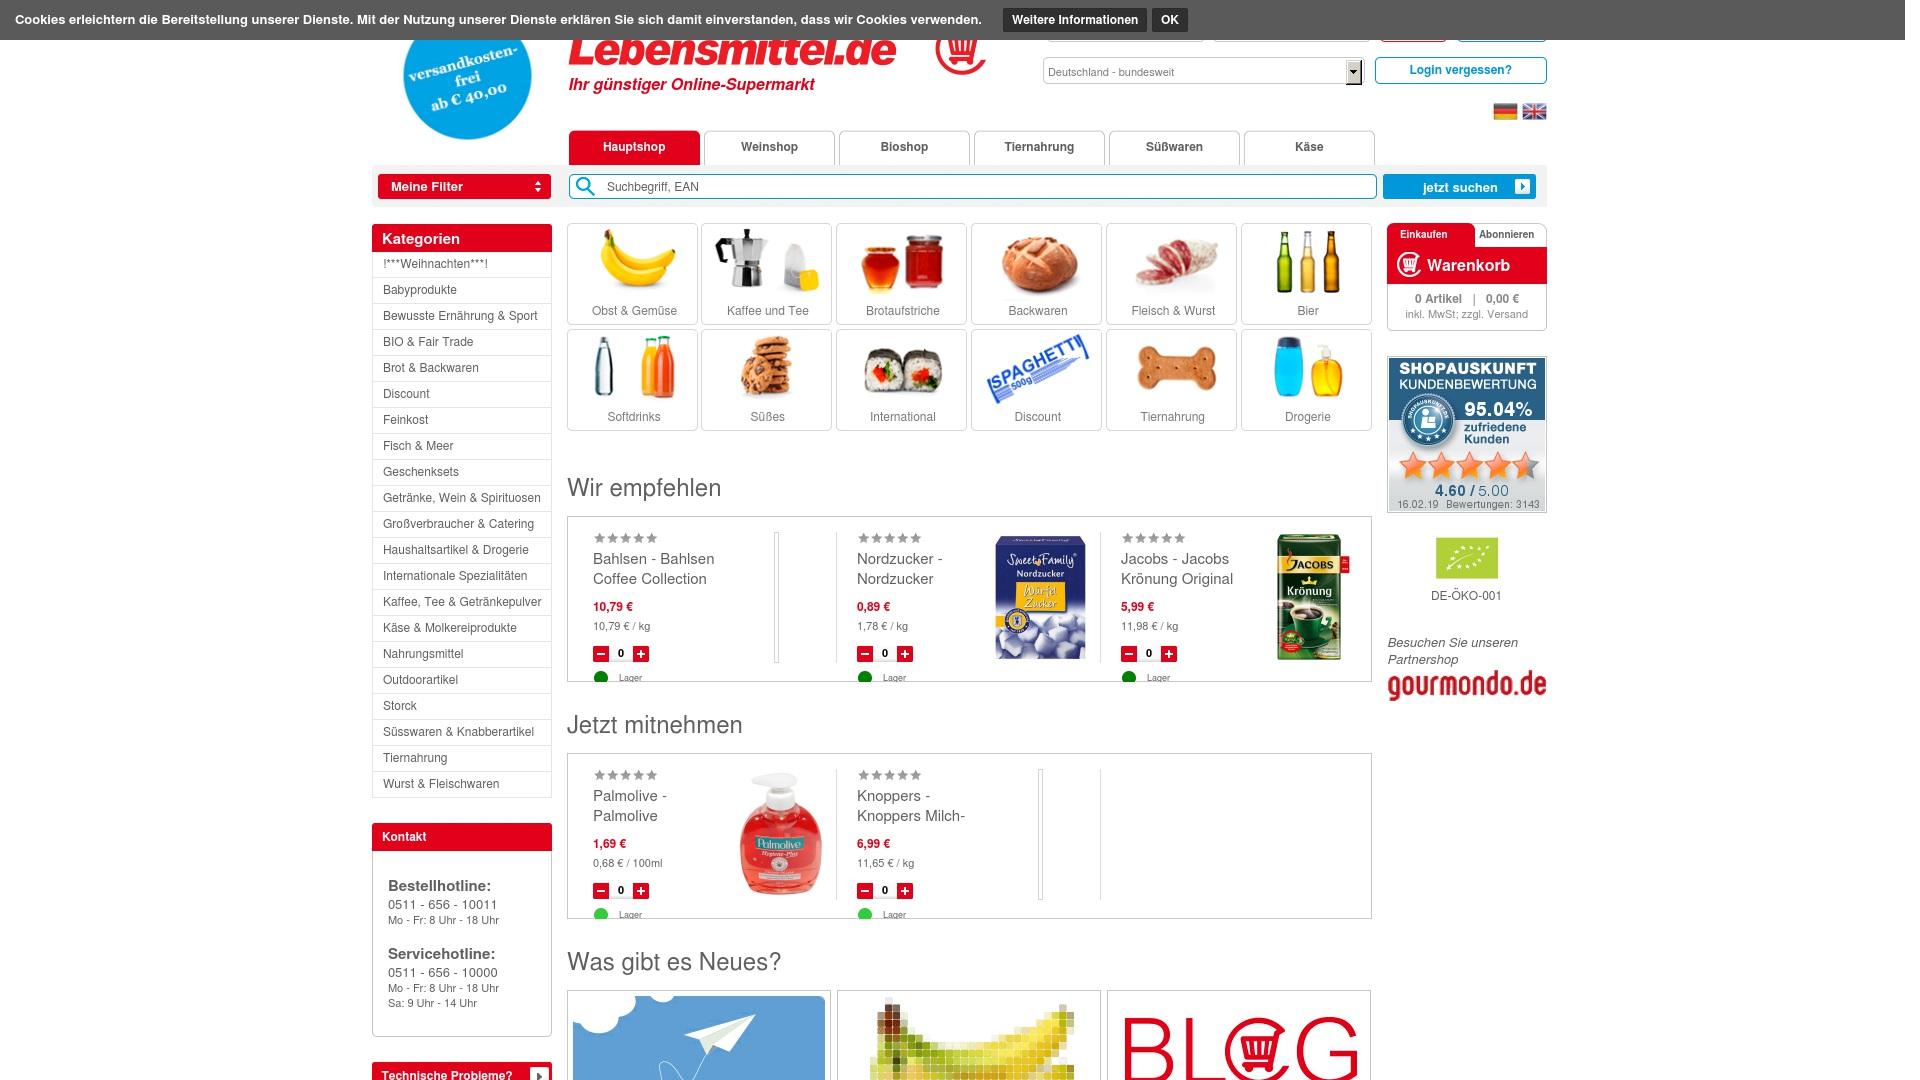 Gutschein für Lebensmittel: Rabatte für  Lebensmittel sichern